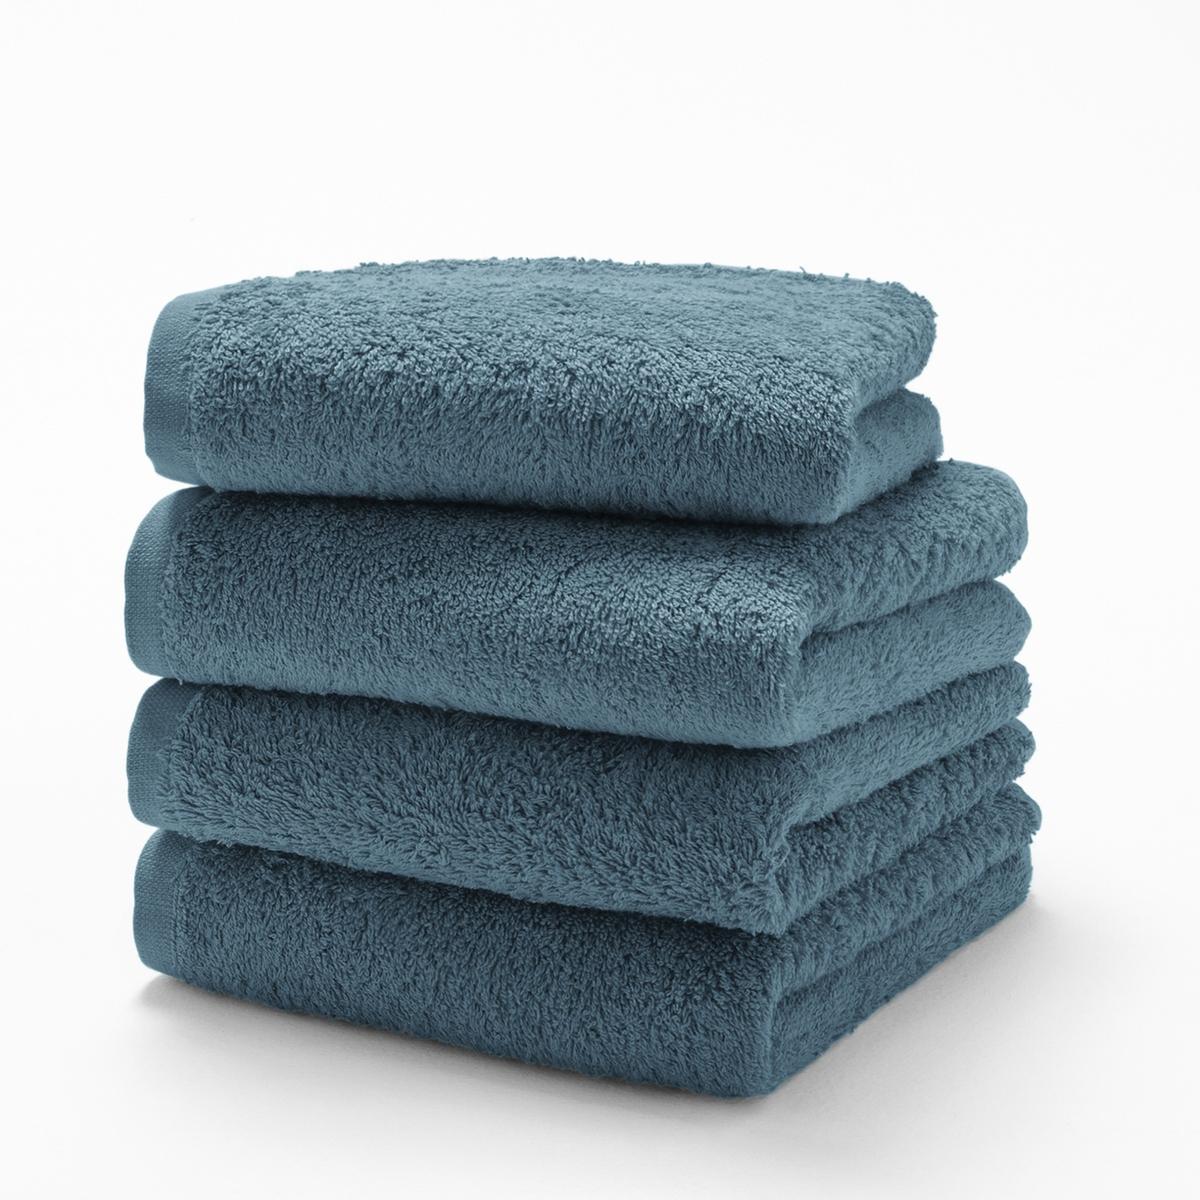 Комплект из гостевых полотенец 500 LaRedoute Гм Scenario 40 x 40 см синий 5 однотонных laredoute банных принадлежностей из махровой ткани 500 гм scenario единый размер синий